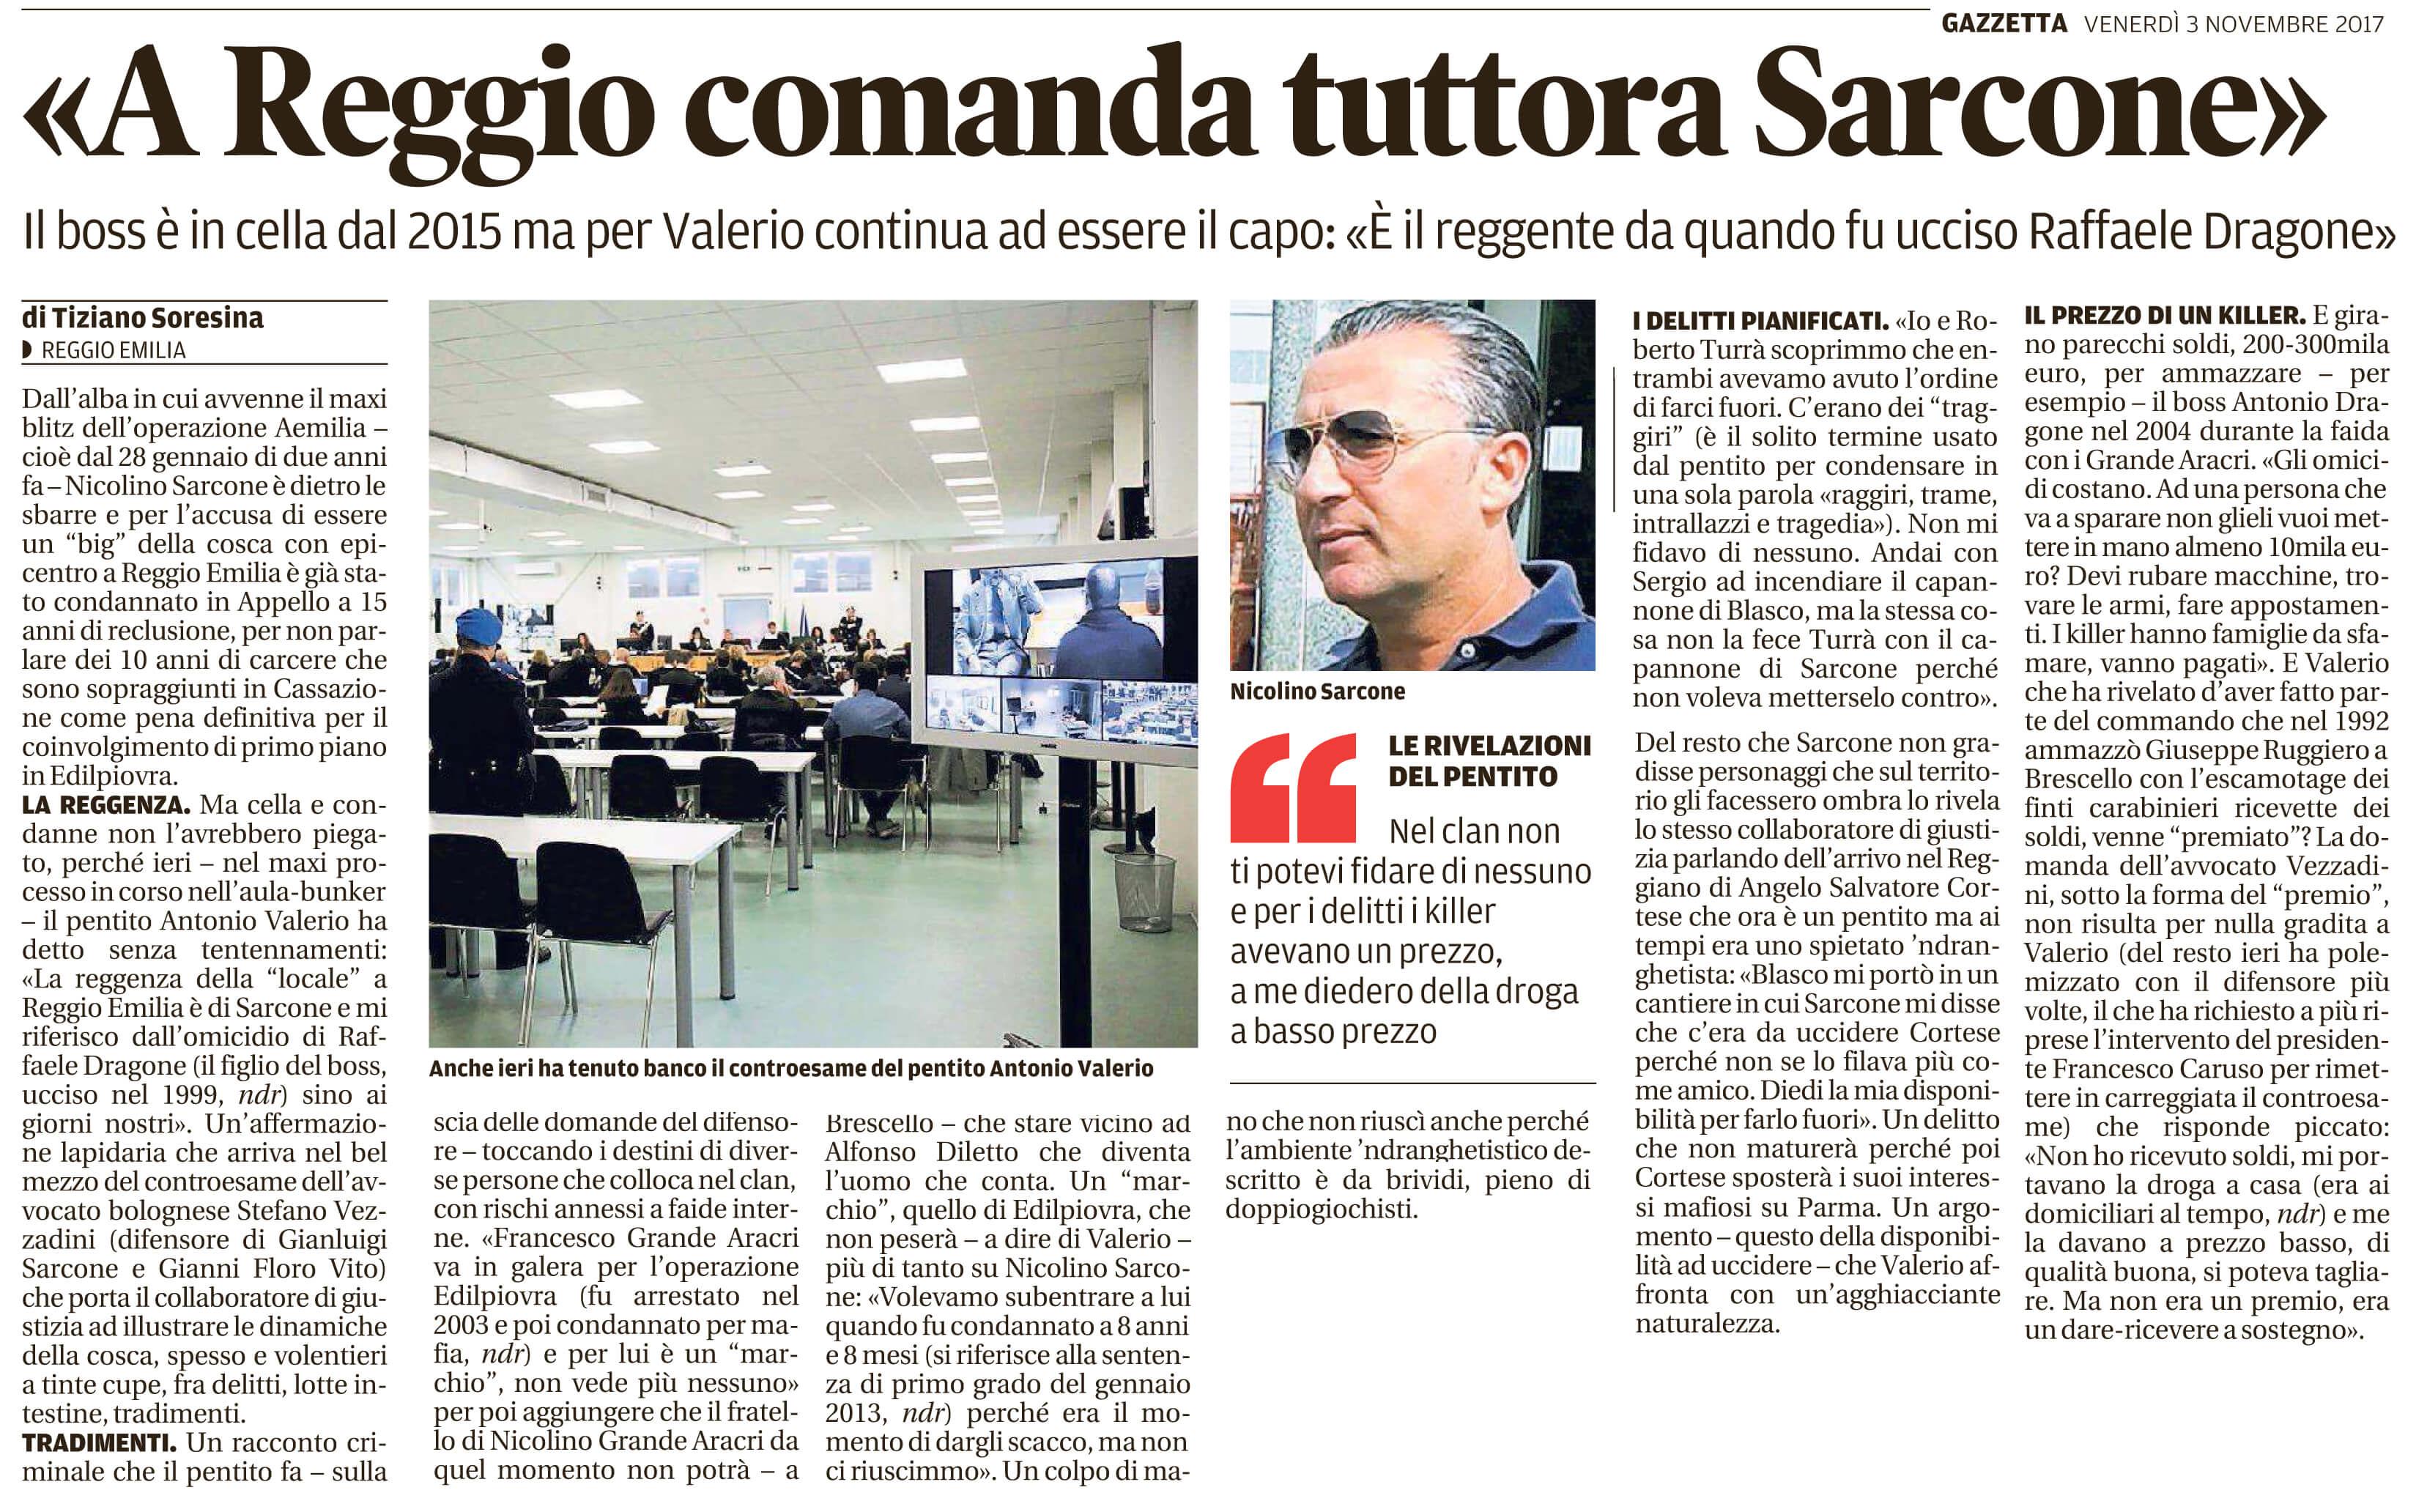 A Reggio comanda Sarcone